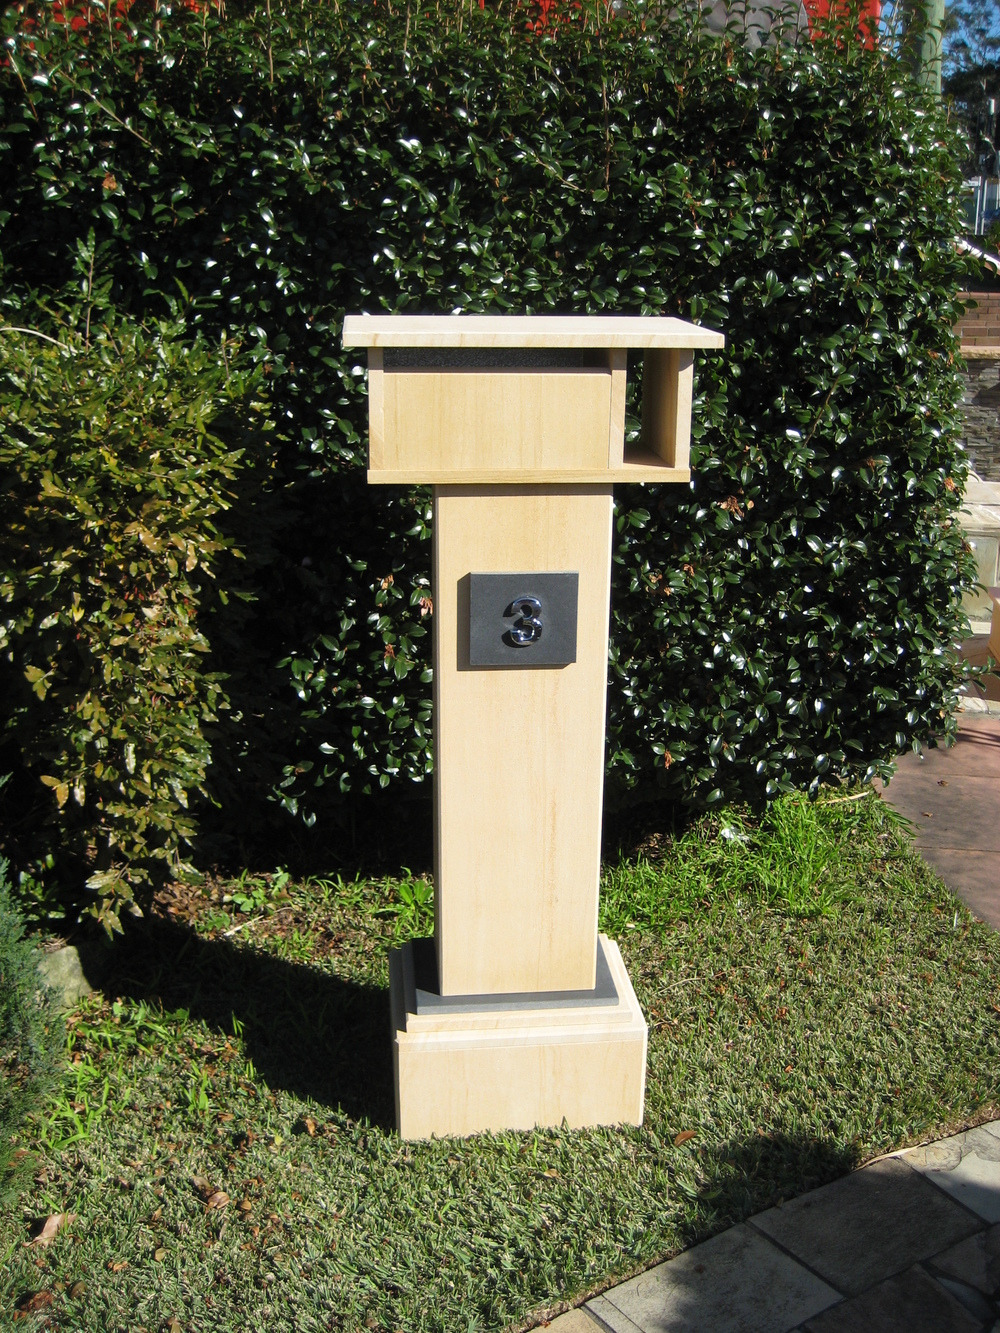 47. Extra tall letterbox, woodgrain sandstone. 1060 tall, dimensions 1250x500x300 $495